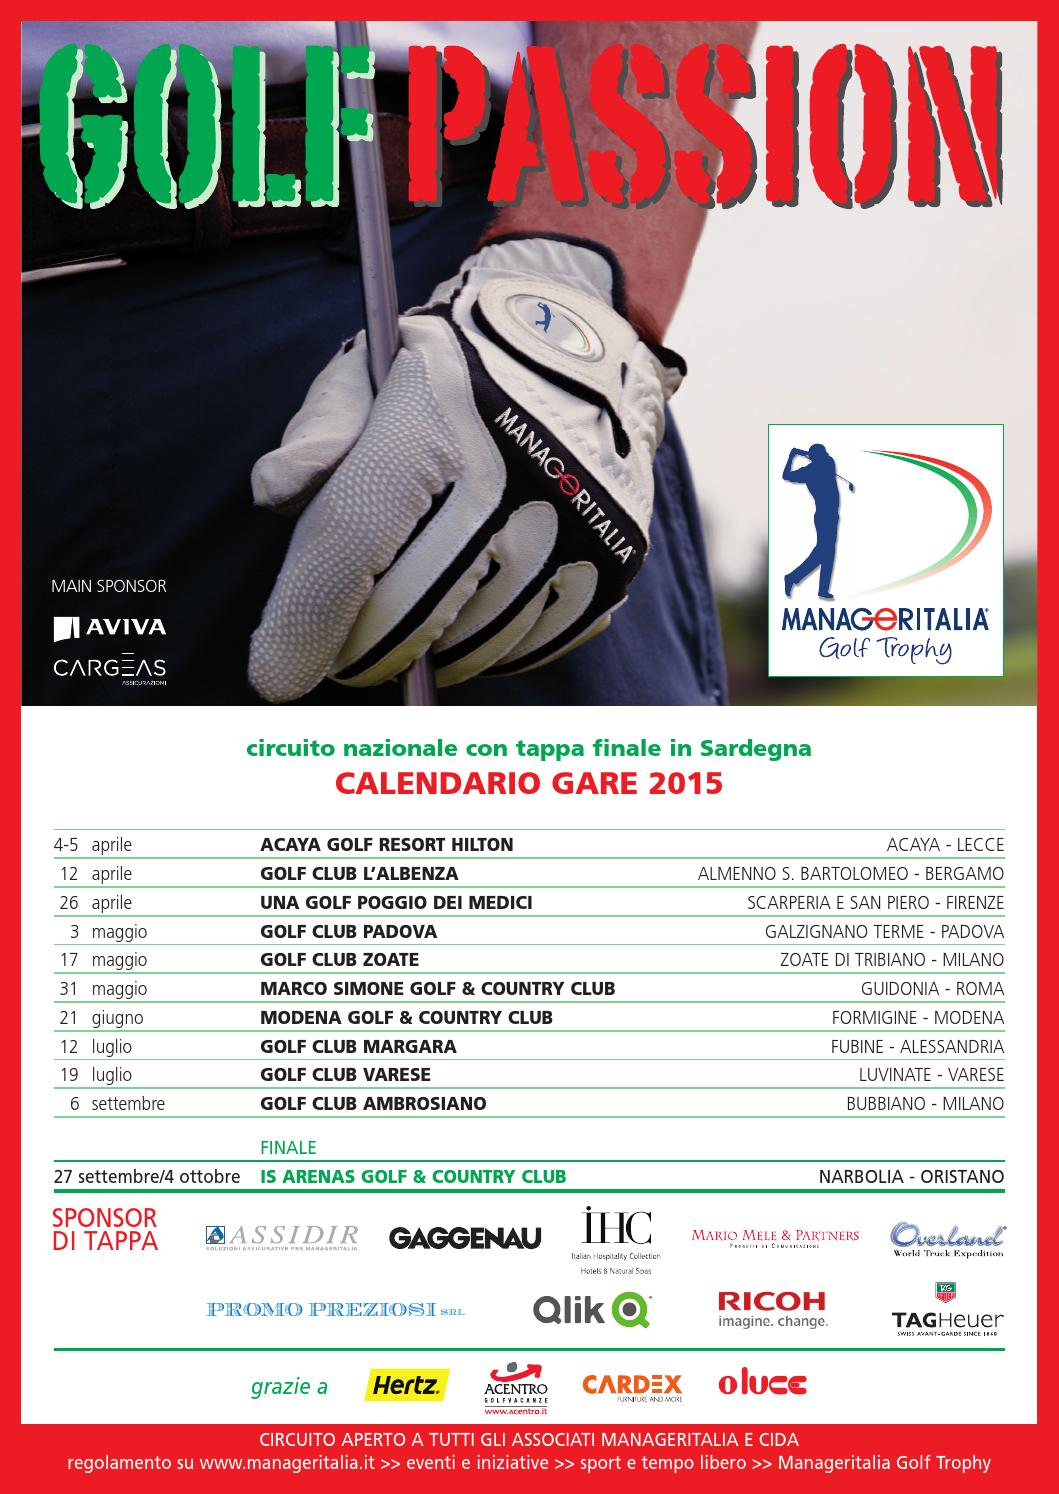 Acaya Golf Club Calendario Gare.Dirigente Genfeb 2015